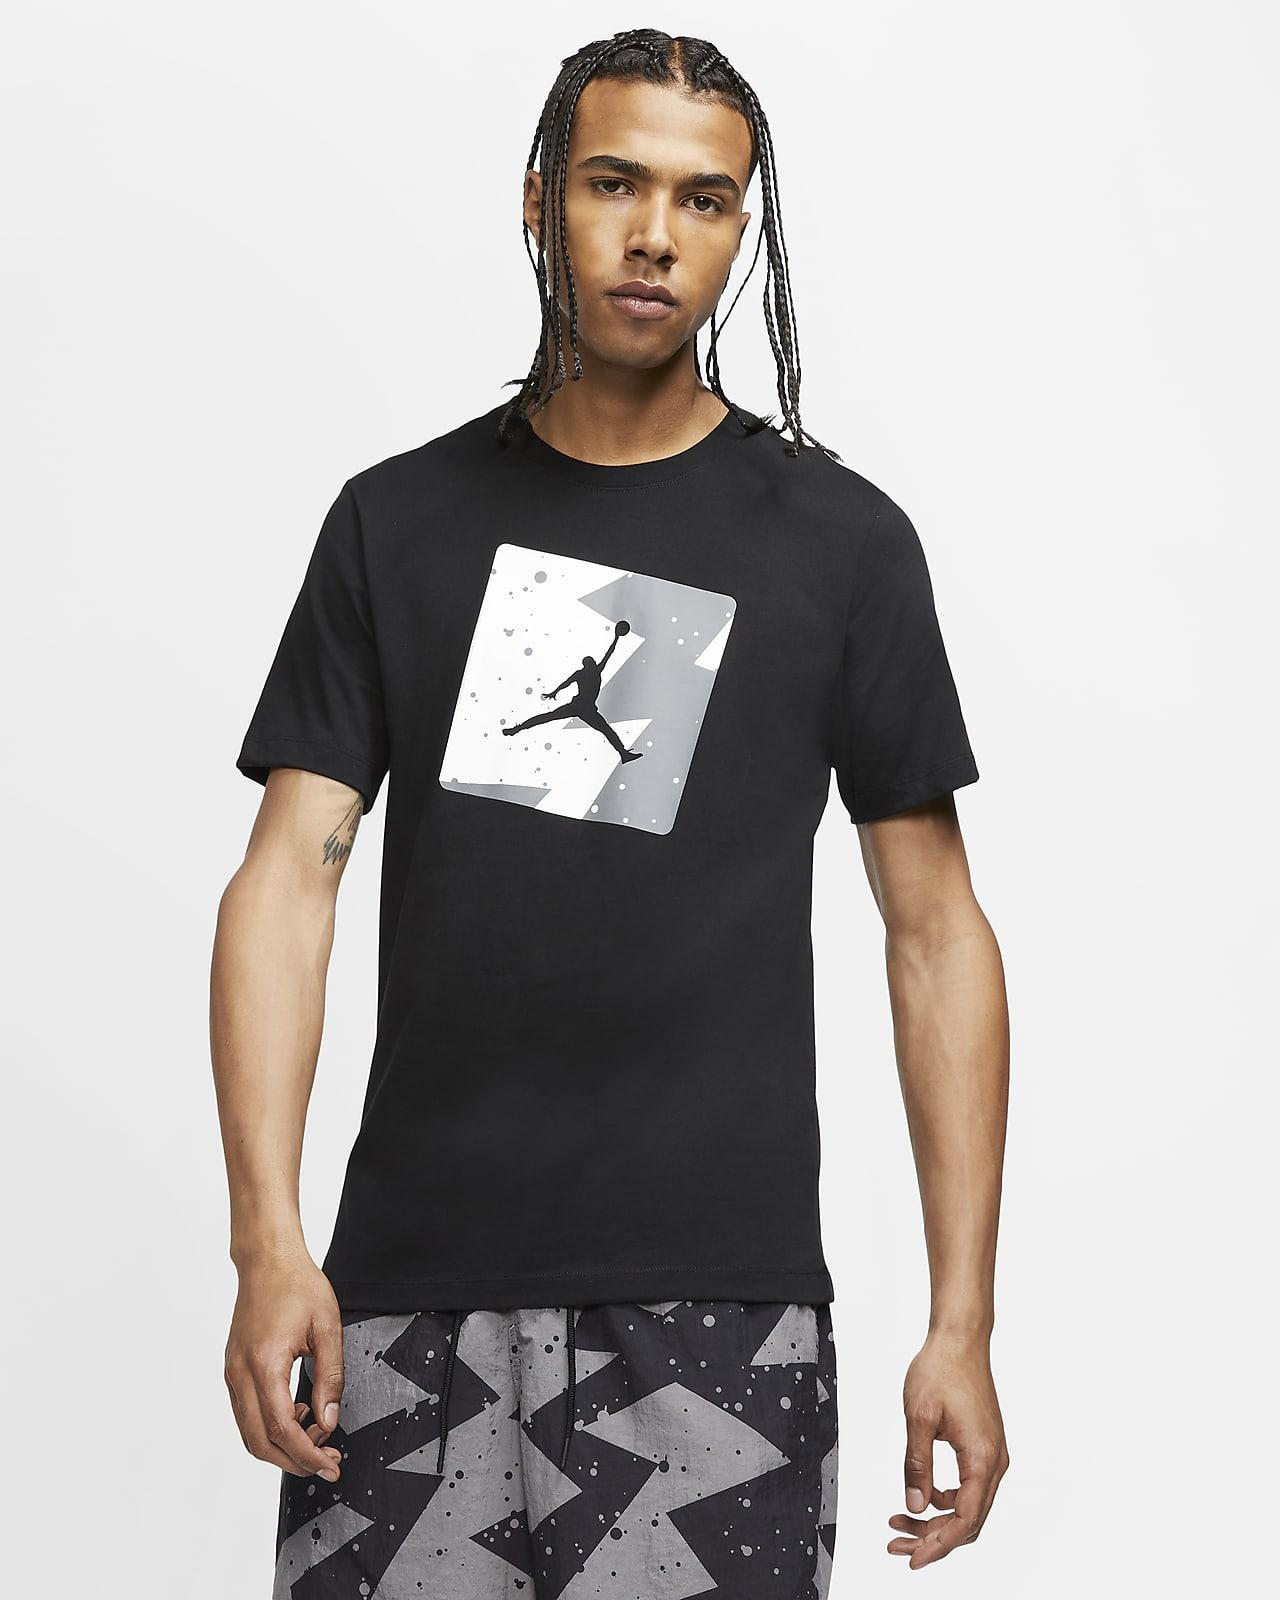 เสื้อยืดผู้ชาย Jordan Poolside